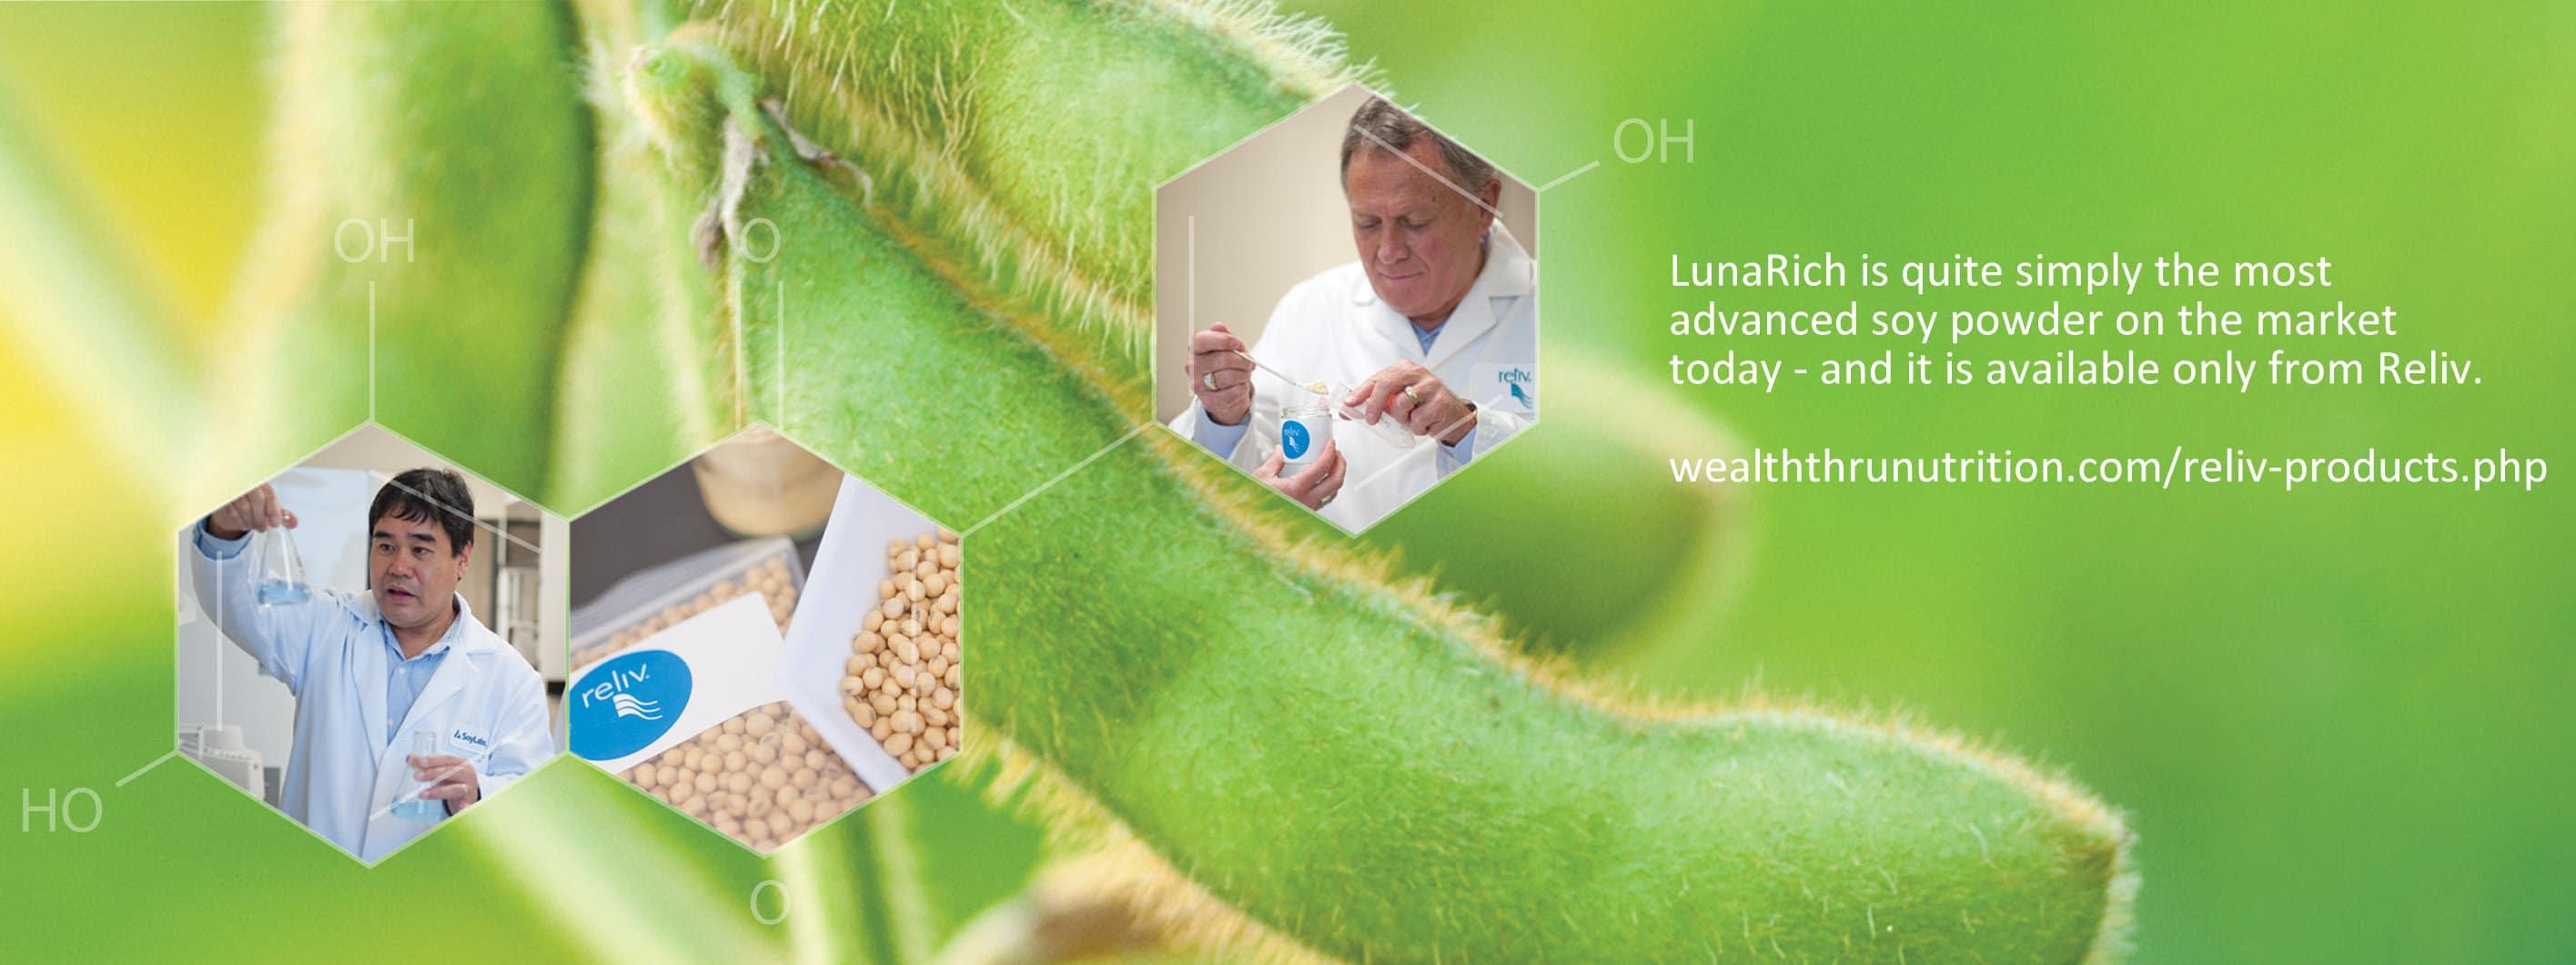 LunaRich health benefits